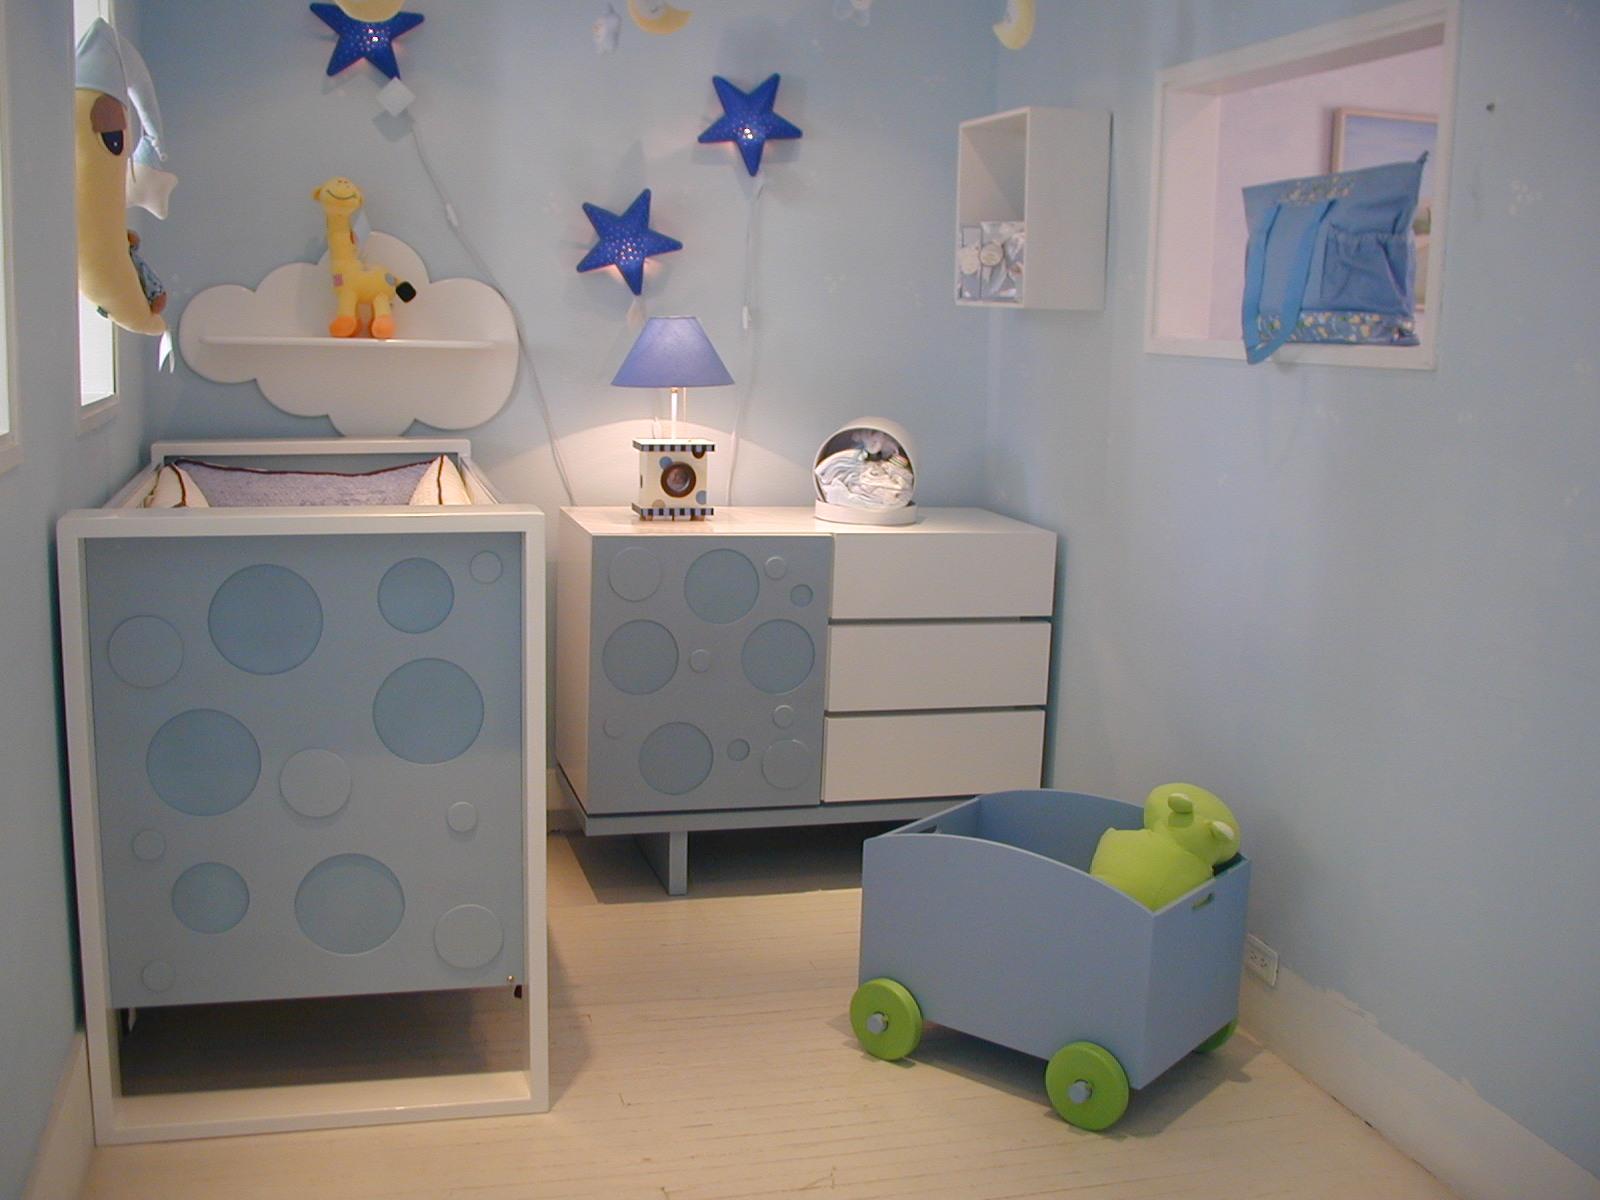 Kitty lipy habitaci n ideal para el beb - Humedad ideal habitacion ...